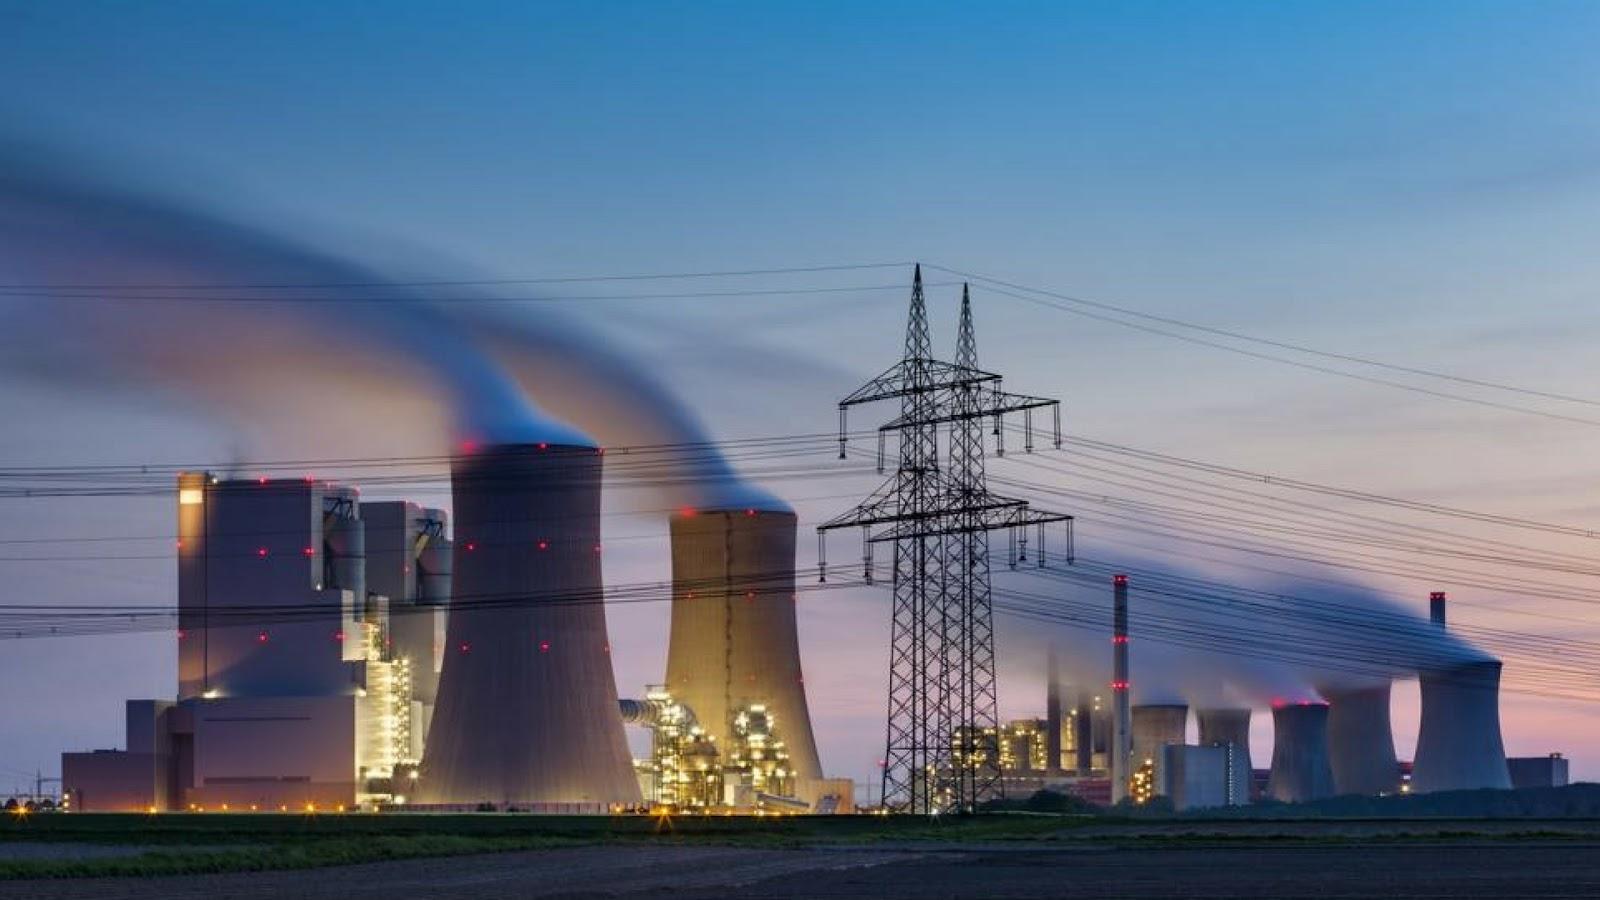 ¿De dónde proviene tu electricidad y cómo llega a tu casa o negocio a través de plantas eléctricas?